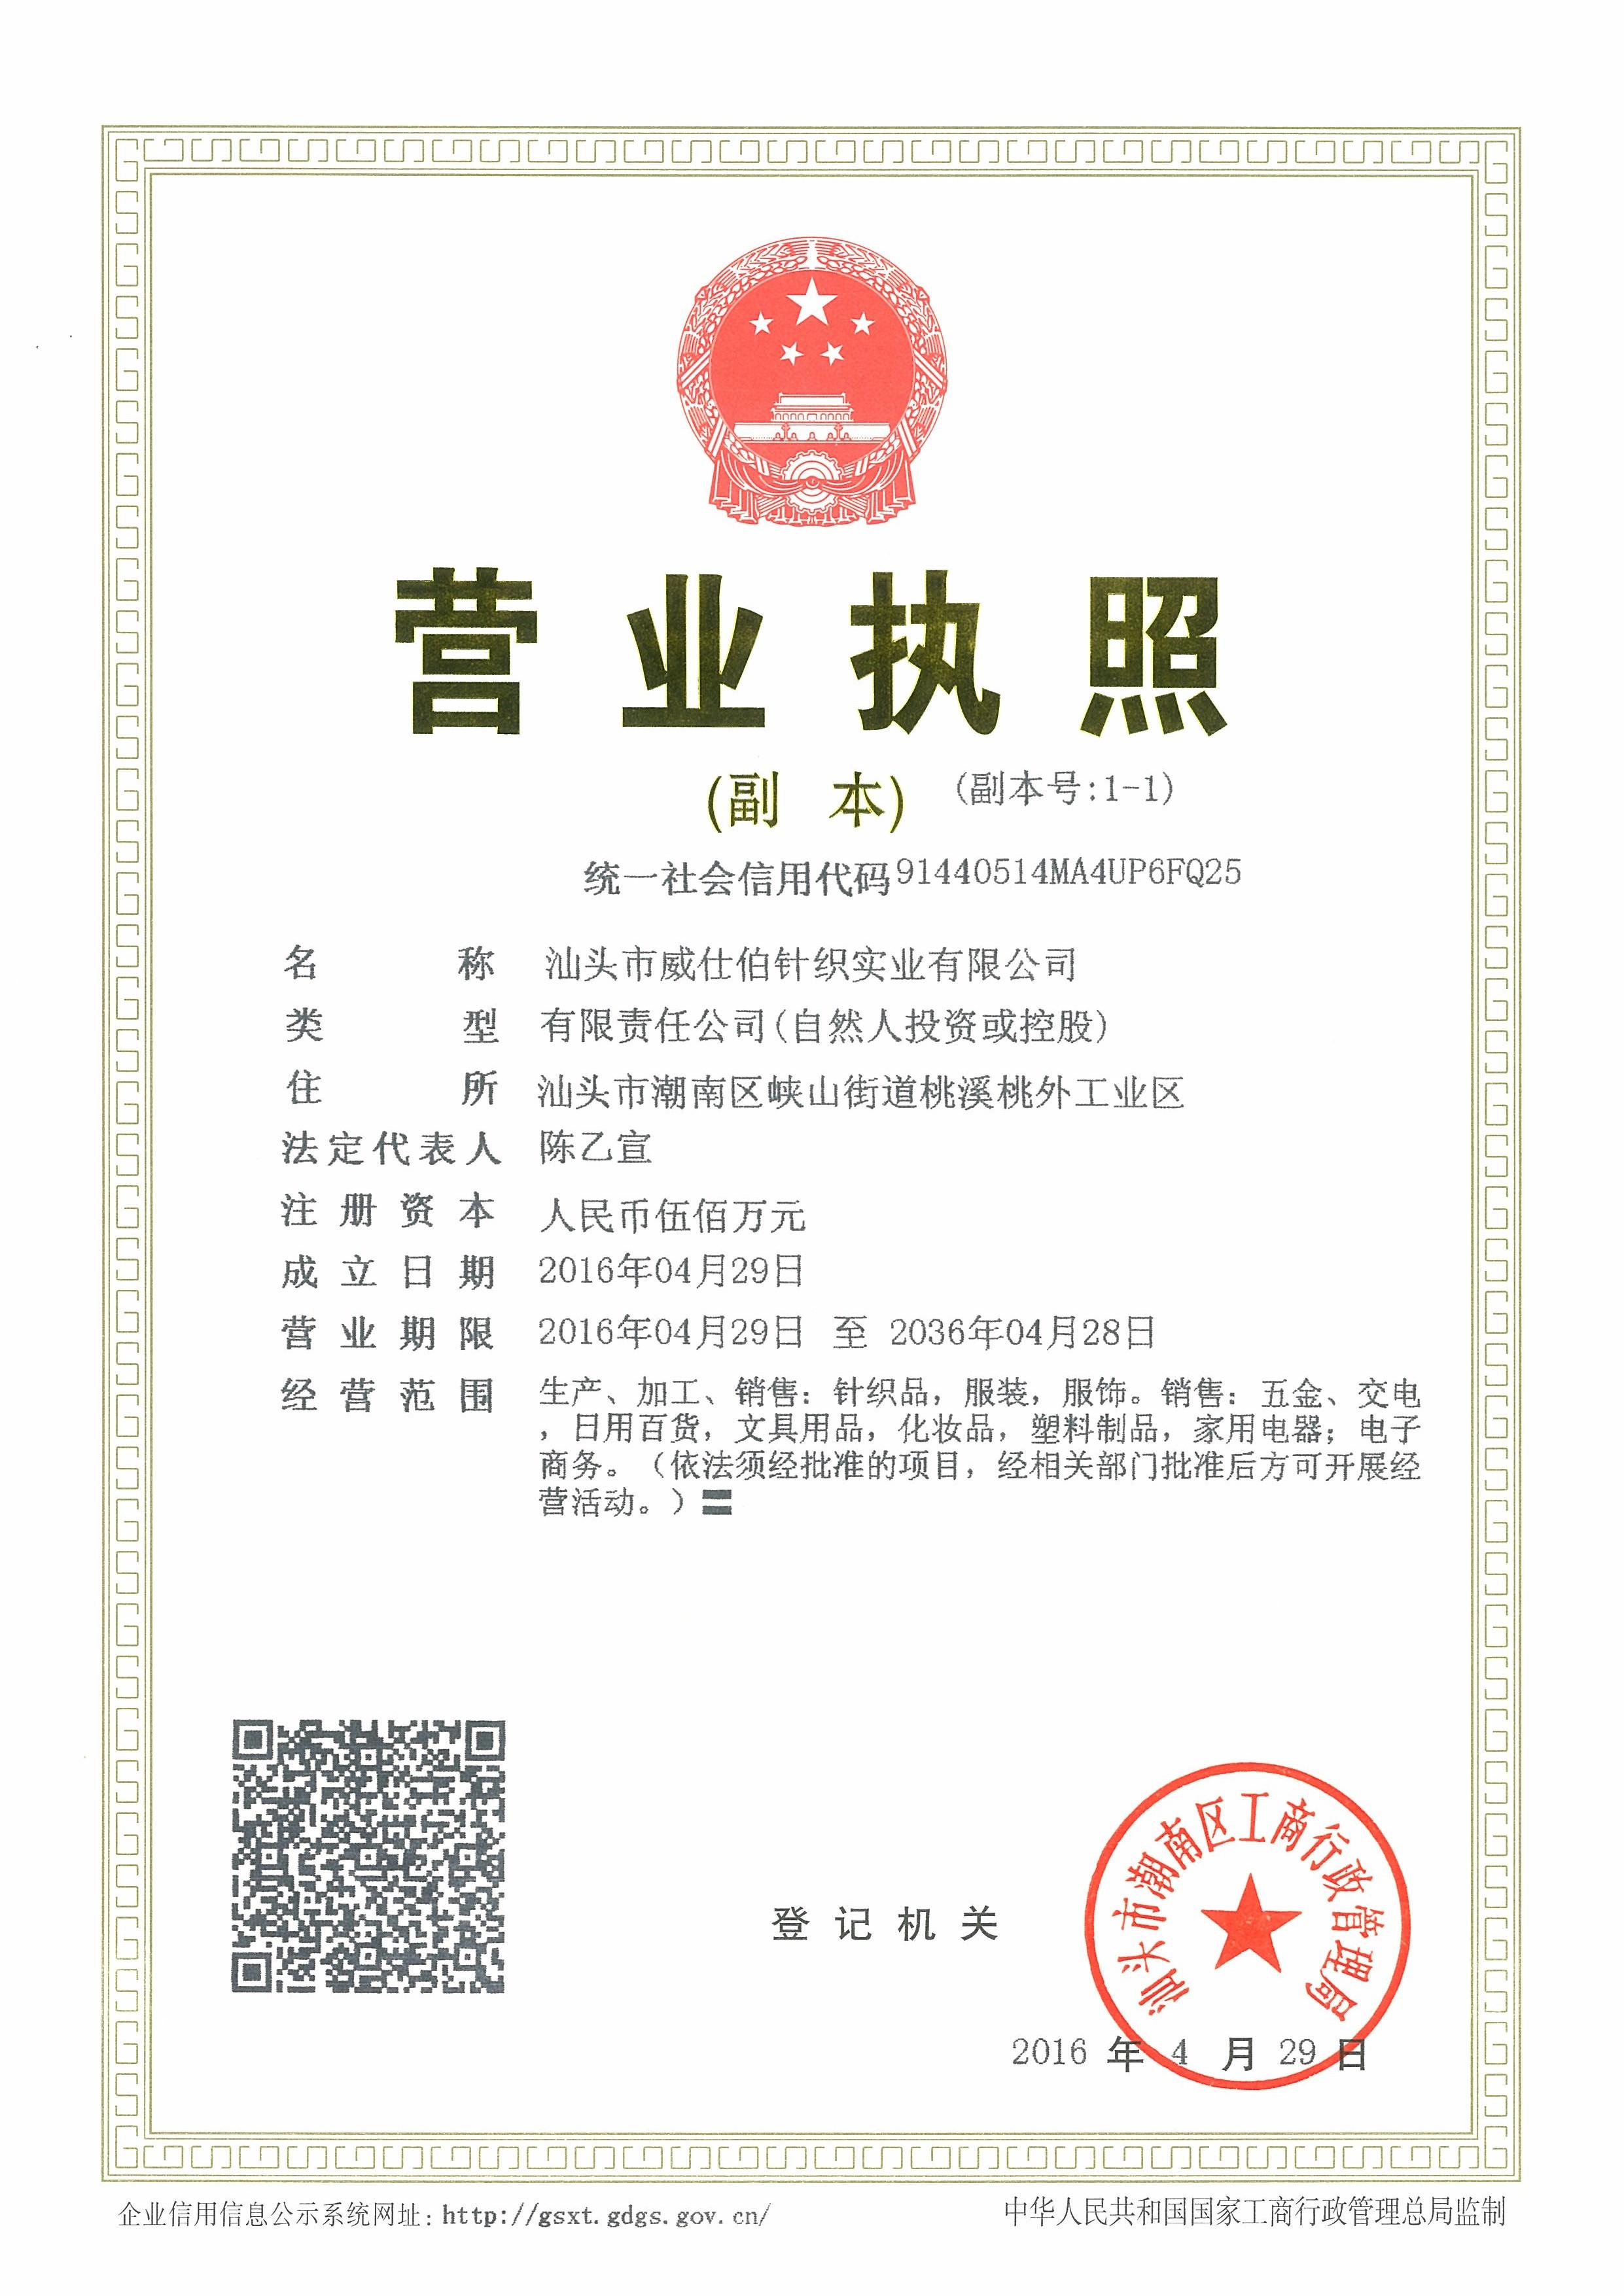 汕头市威仕伯针织实业有限公司企业档案